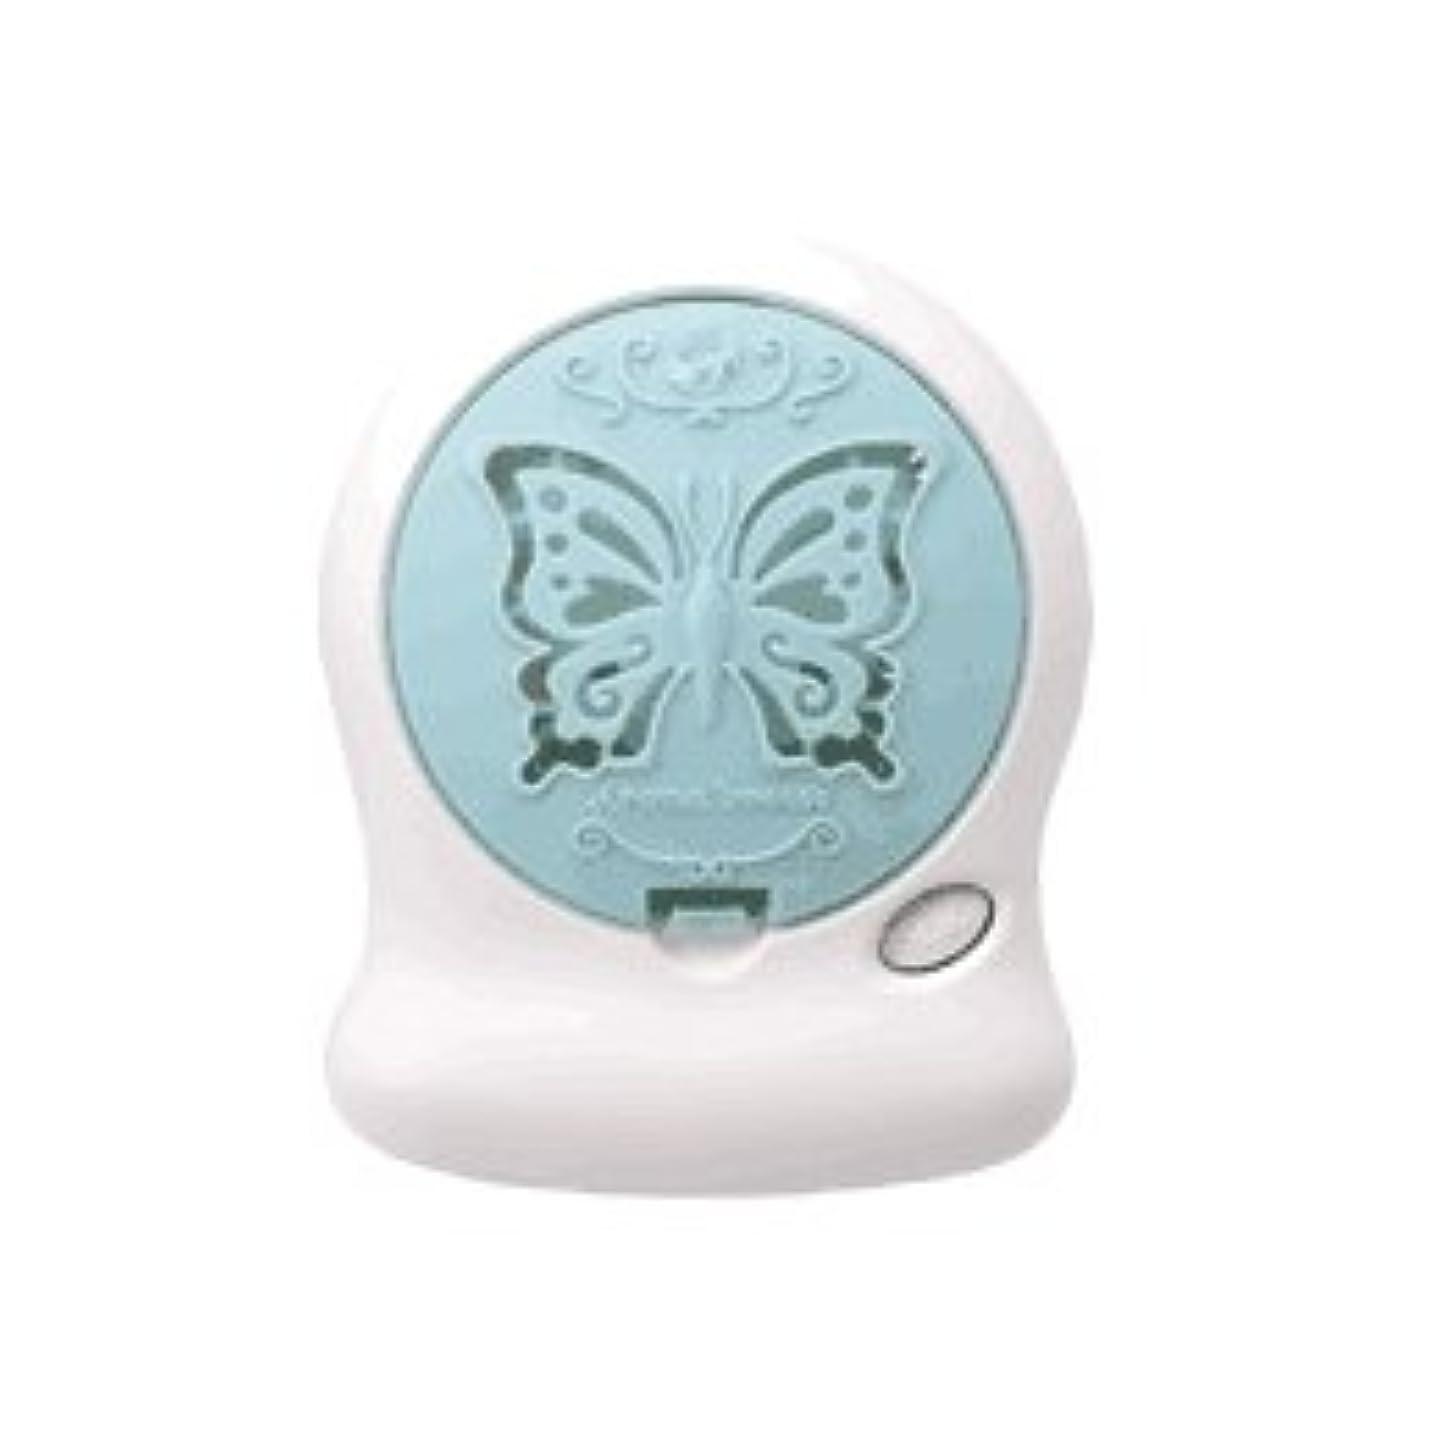 びっくりした反発するバランスアロマブリーズ Nova t Jill (蝶柄) グリーン オフタイマー付モバイルファン式芳香器